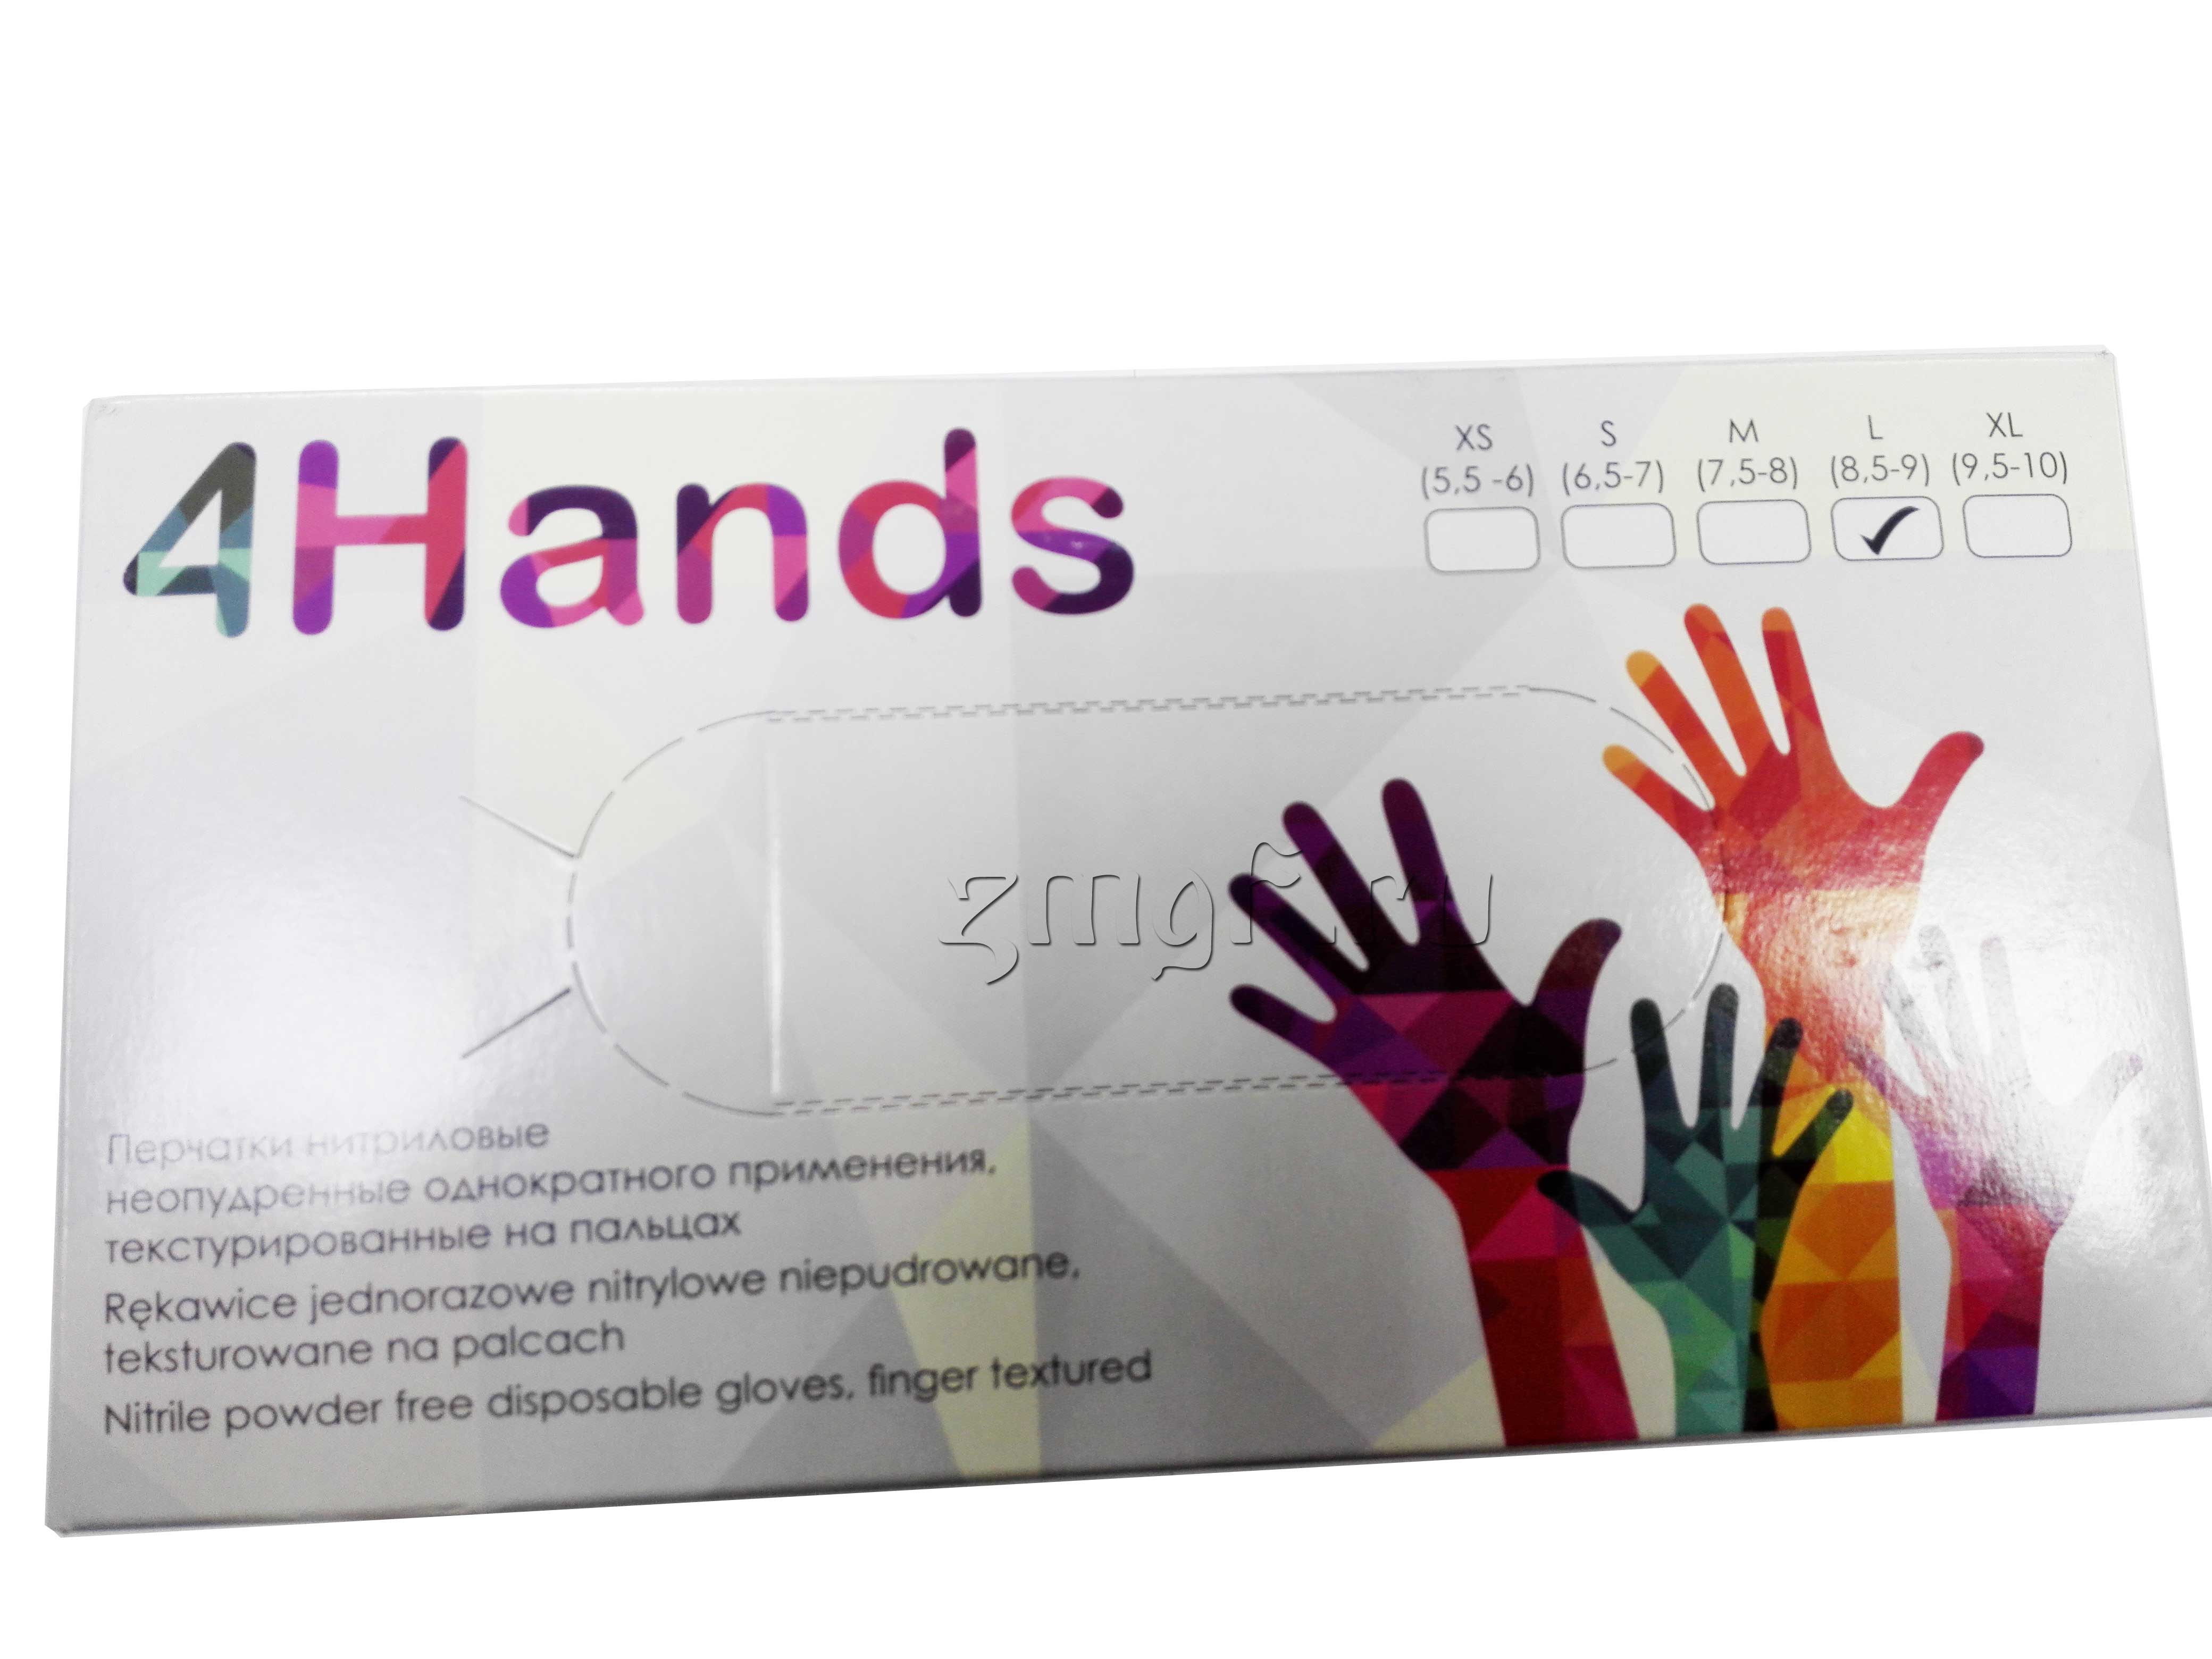 Перчатки 4hands